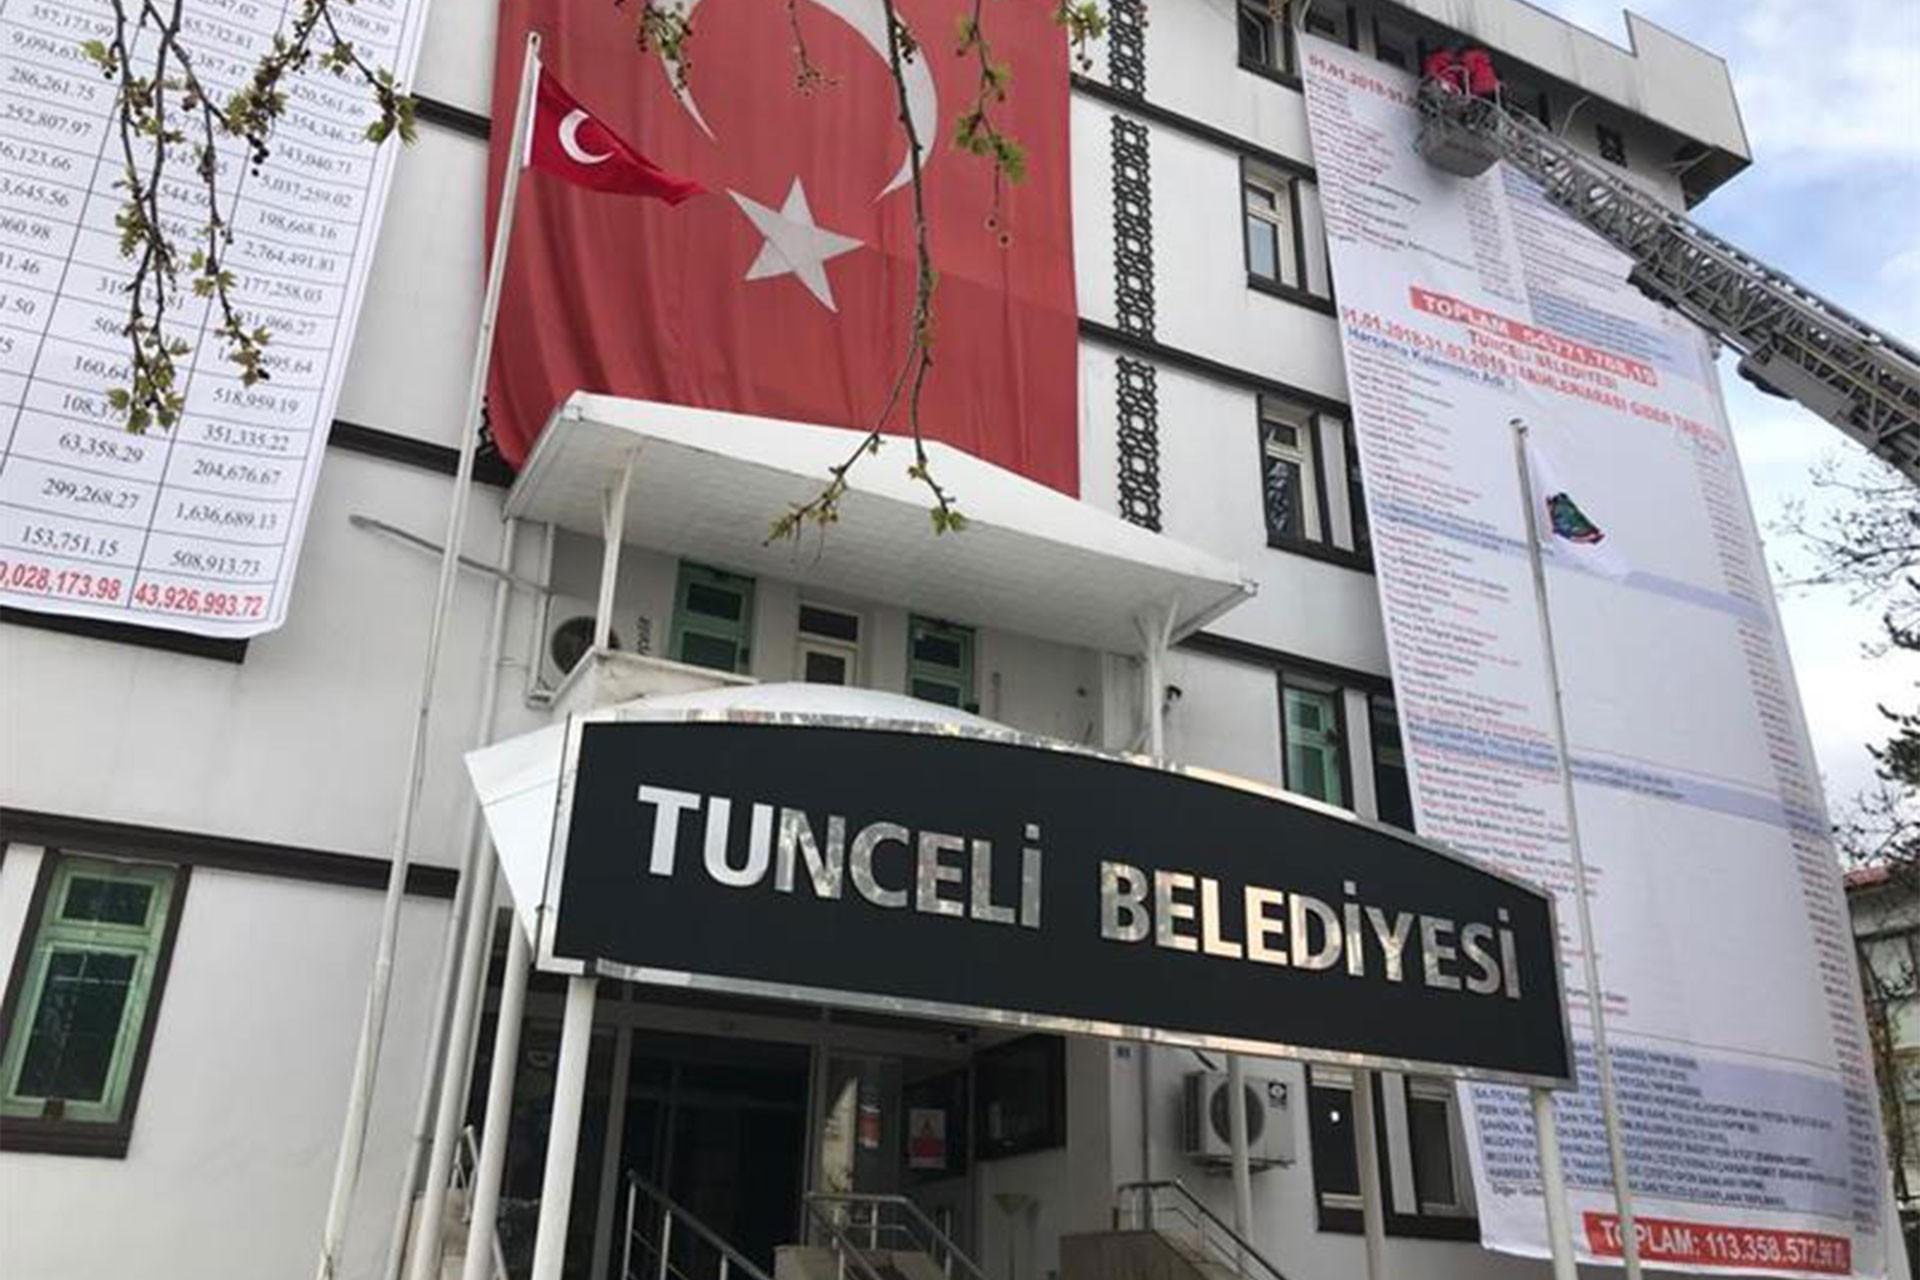 Mahkemeden Dersim'de belediye tabelasına 'Dersim' yazılmasına durdurma